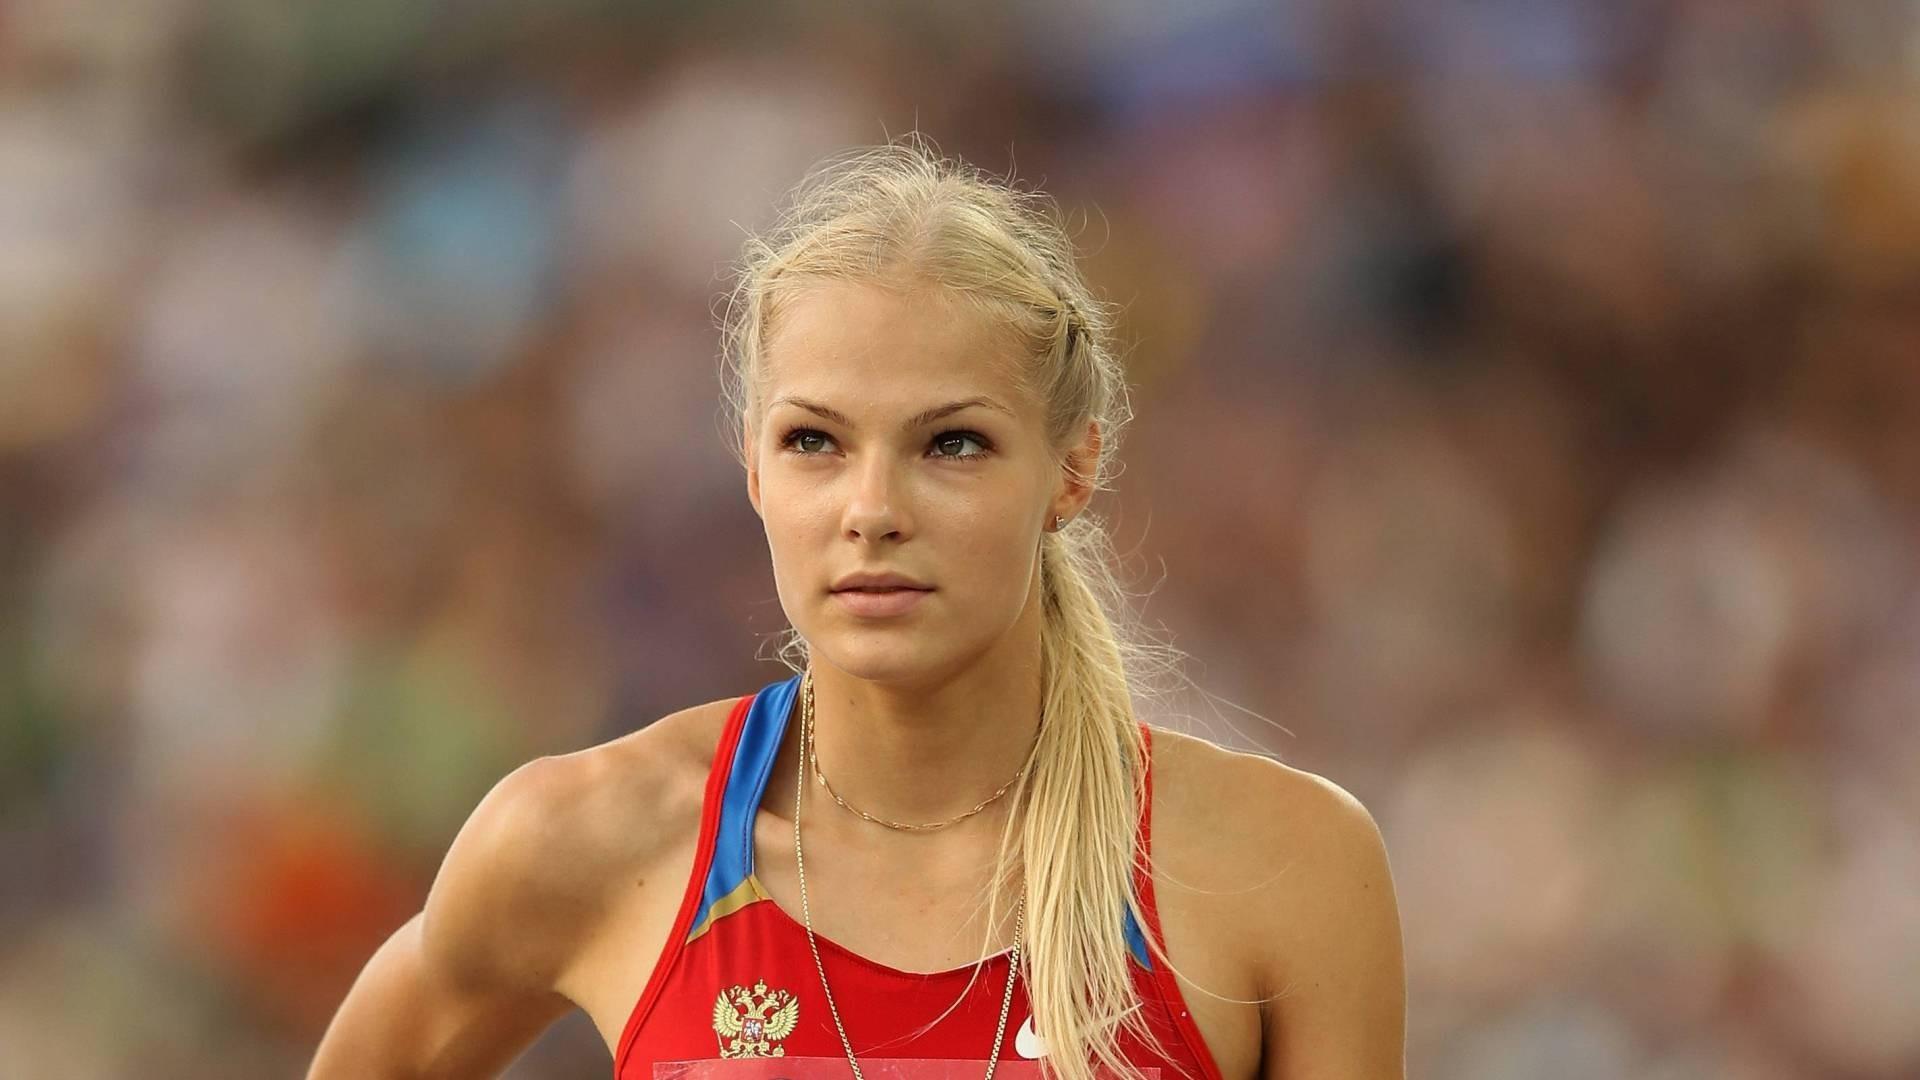 Голые прелести Дарья Клишина на бесплатных фото. Эксклюзивная подборка